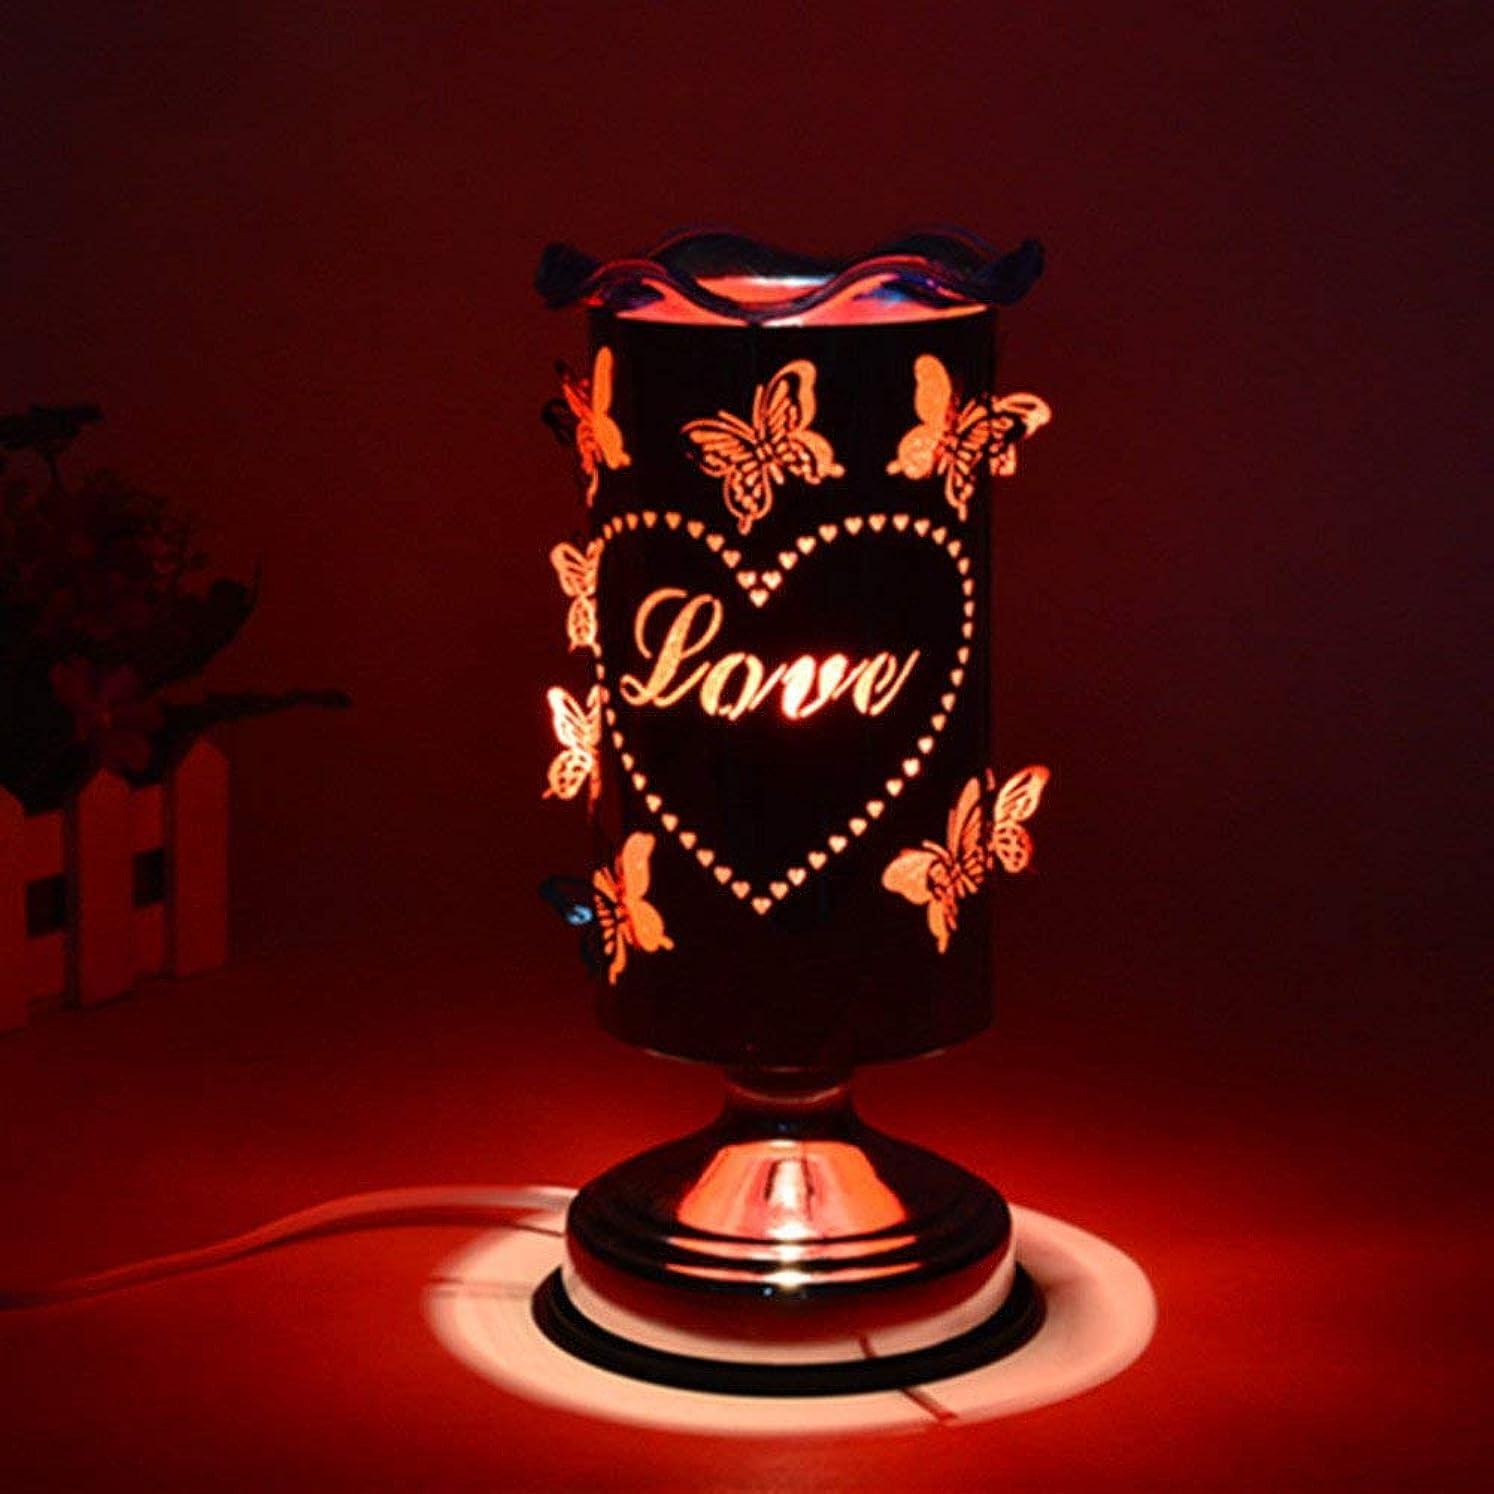 ヘビー社員相続人バタフライアロマランププラグイン調節可能なライトエッセンシャルオイルランプ香炉バーナーベッドサイドデスクランプロマンチックギフトアロマランプ